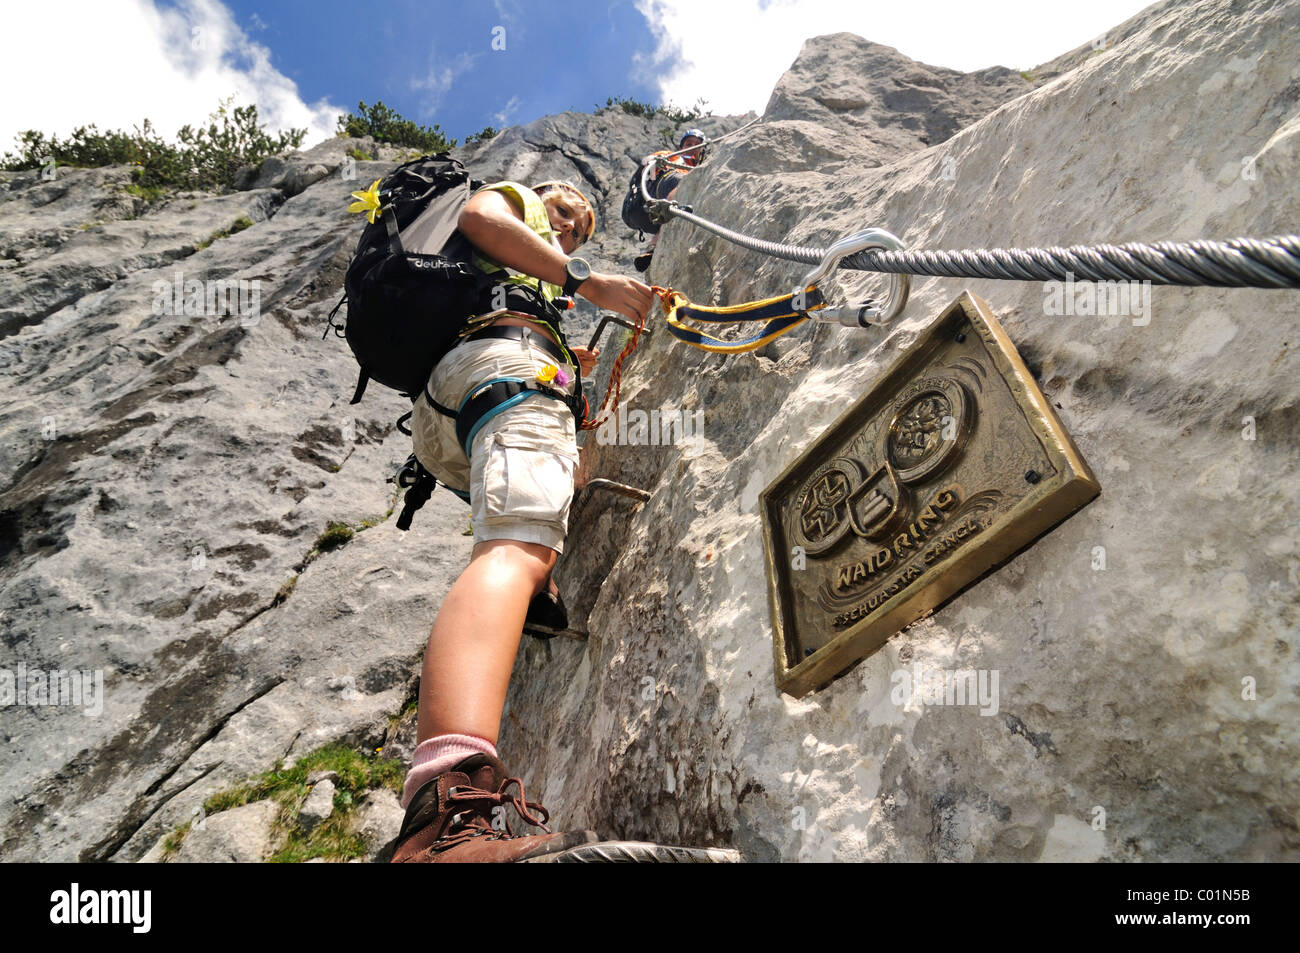 Klettersteig Chiemgau : Schuasta gangl gamssteig klettern route steinplatte berg outdoor